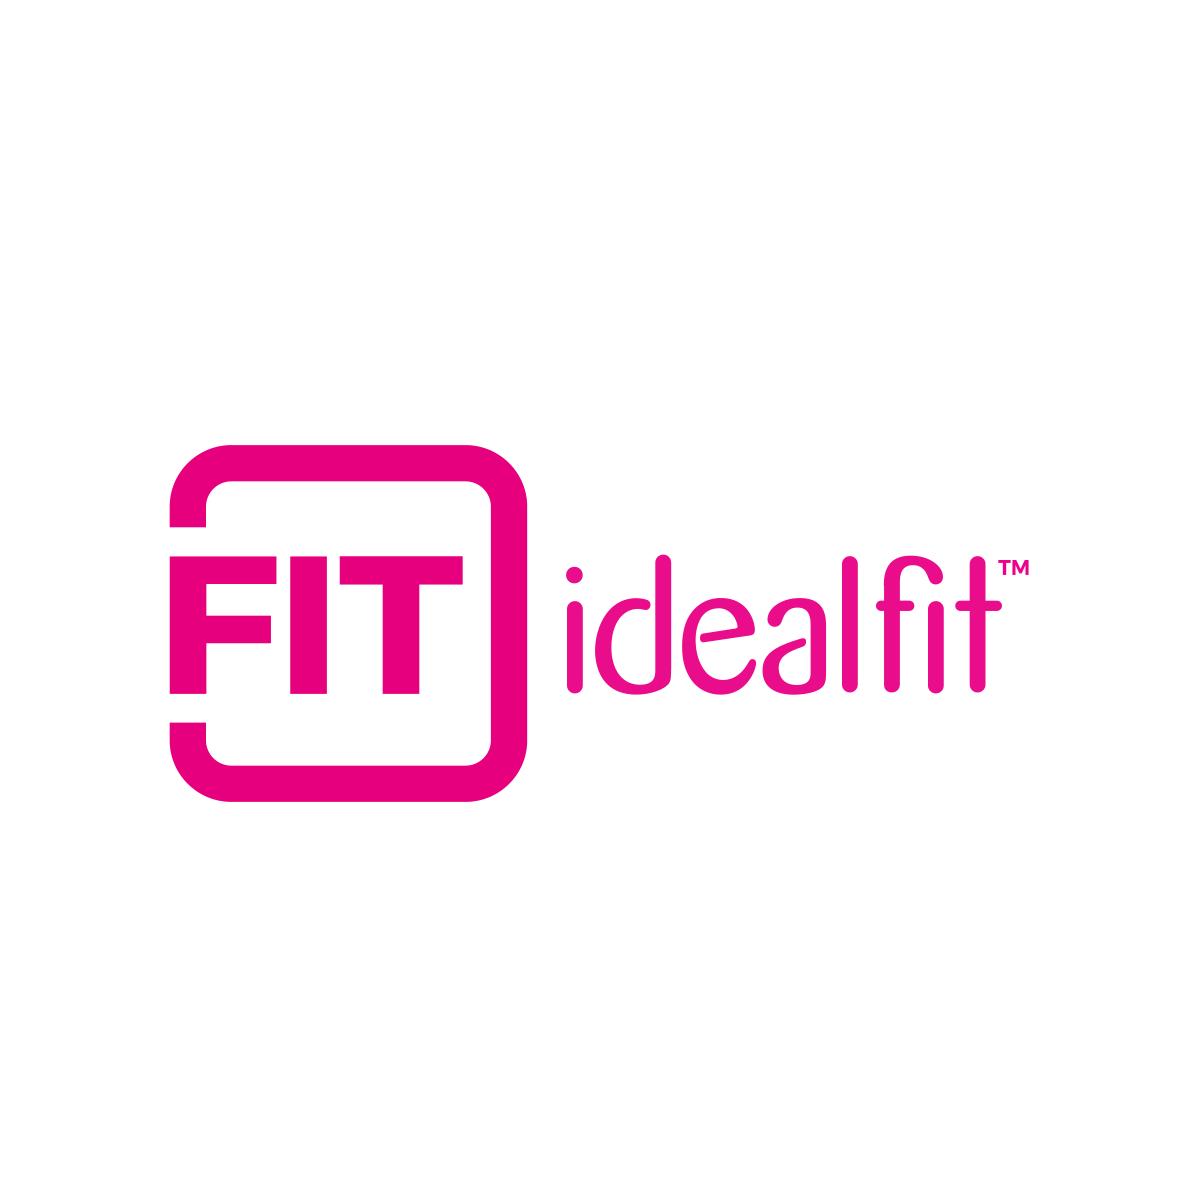 IdealFit Coupon Code 2021